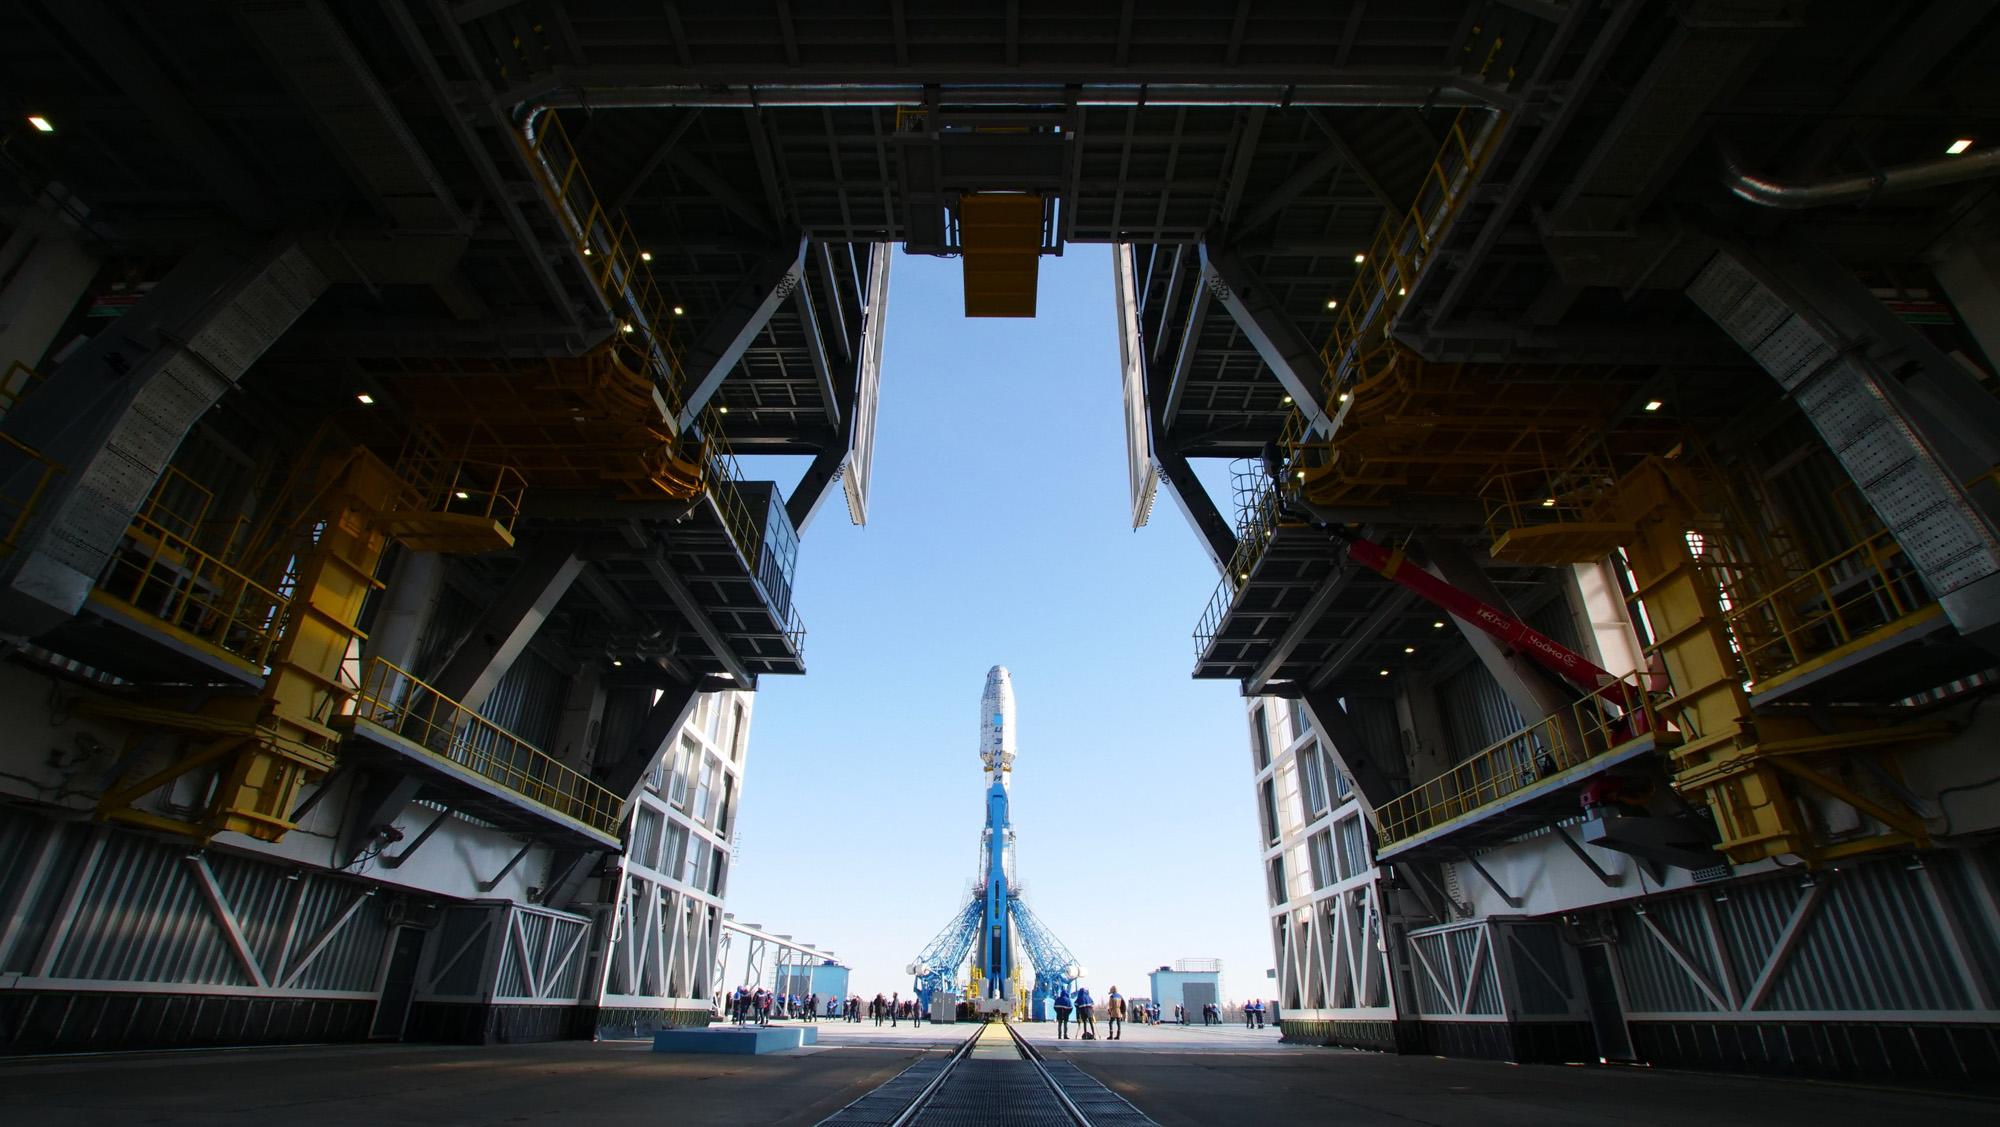 Une fusée Soyouz arrive sur la rampe de lancement du cosmodrome de Vostochny en Sibérie avant le lancement prévu de 36 satellites OneWeb en mars 2021.